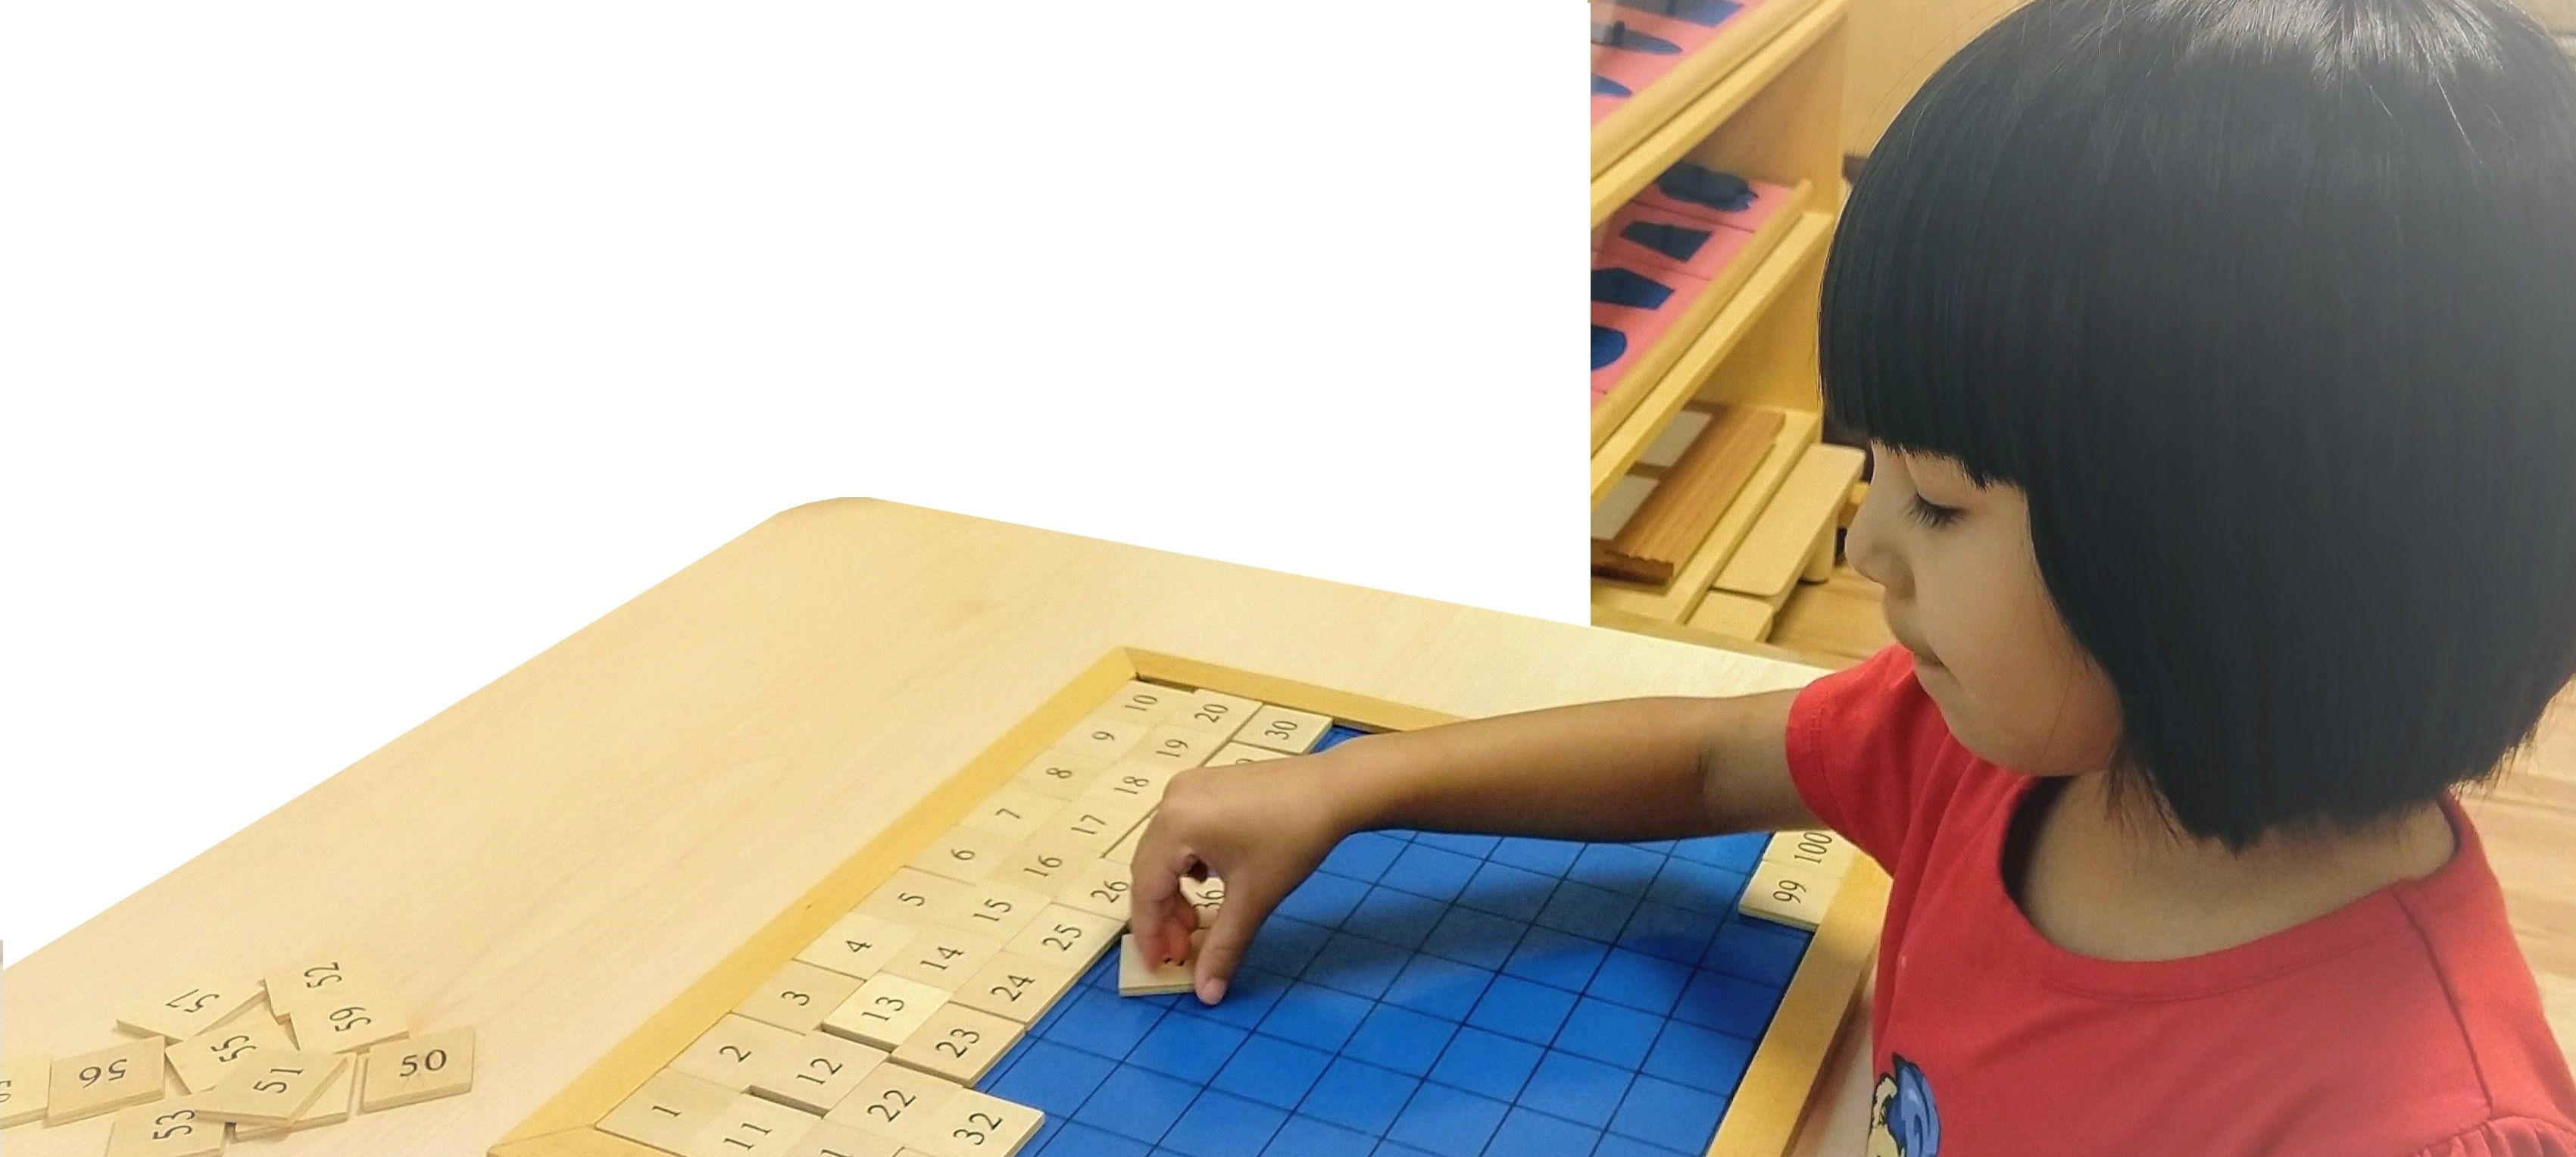 Child doing Montessori work